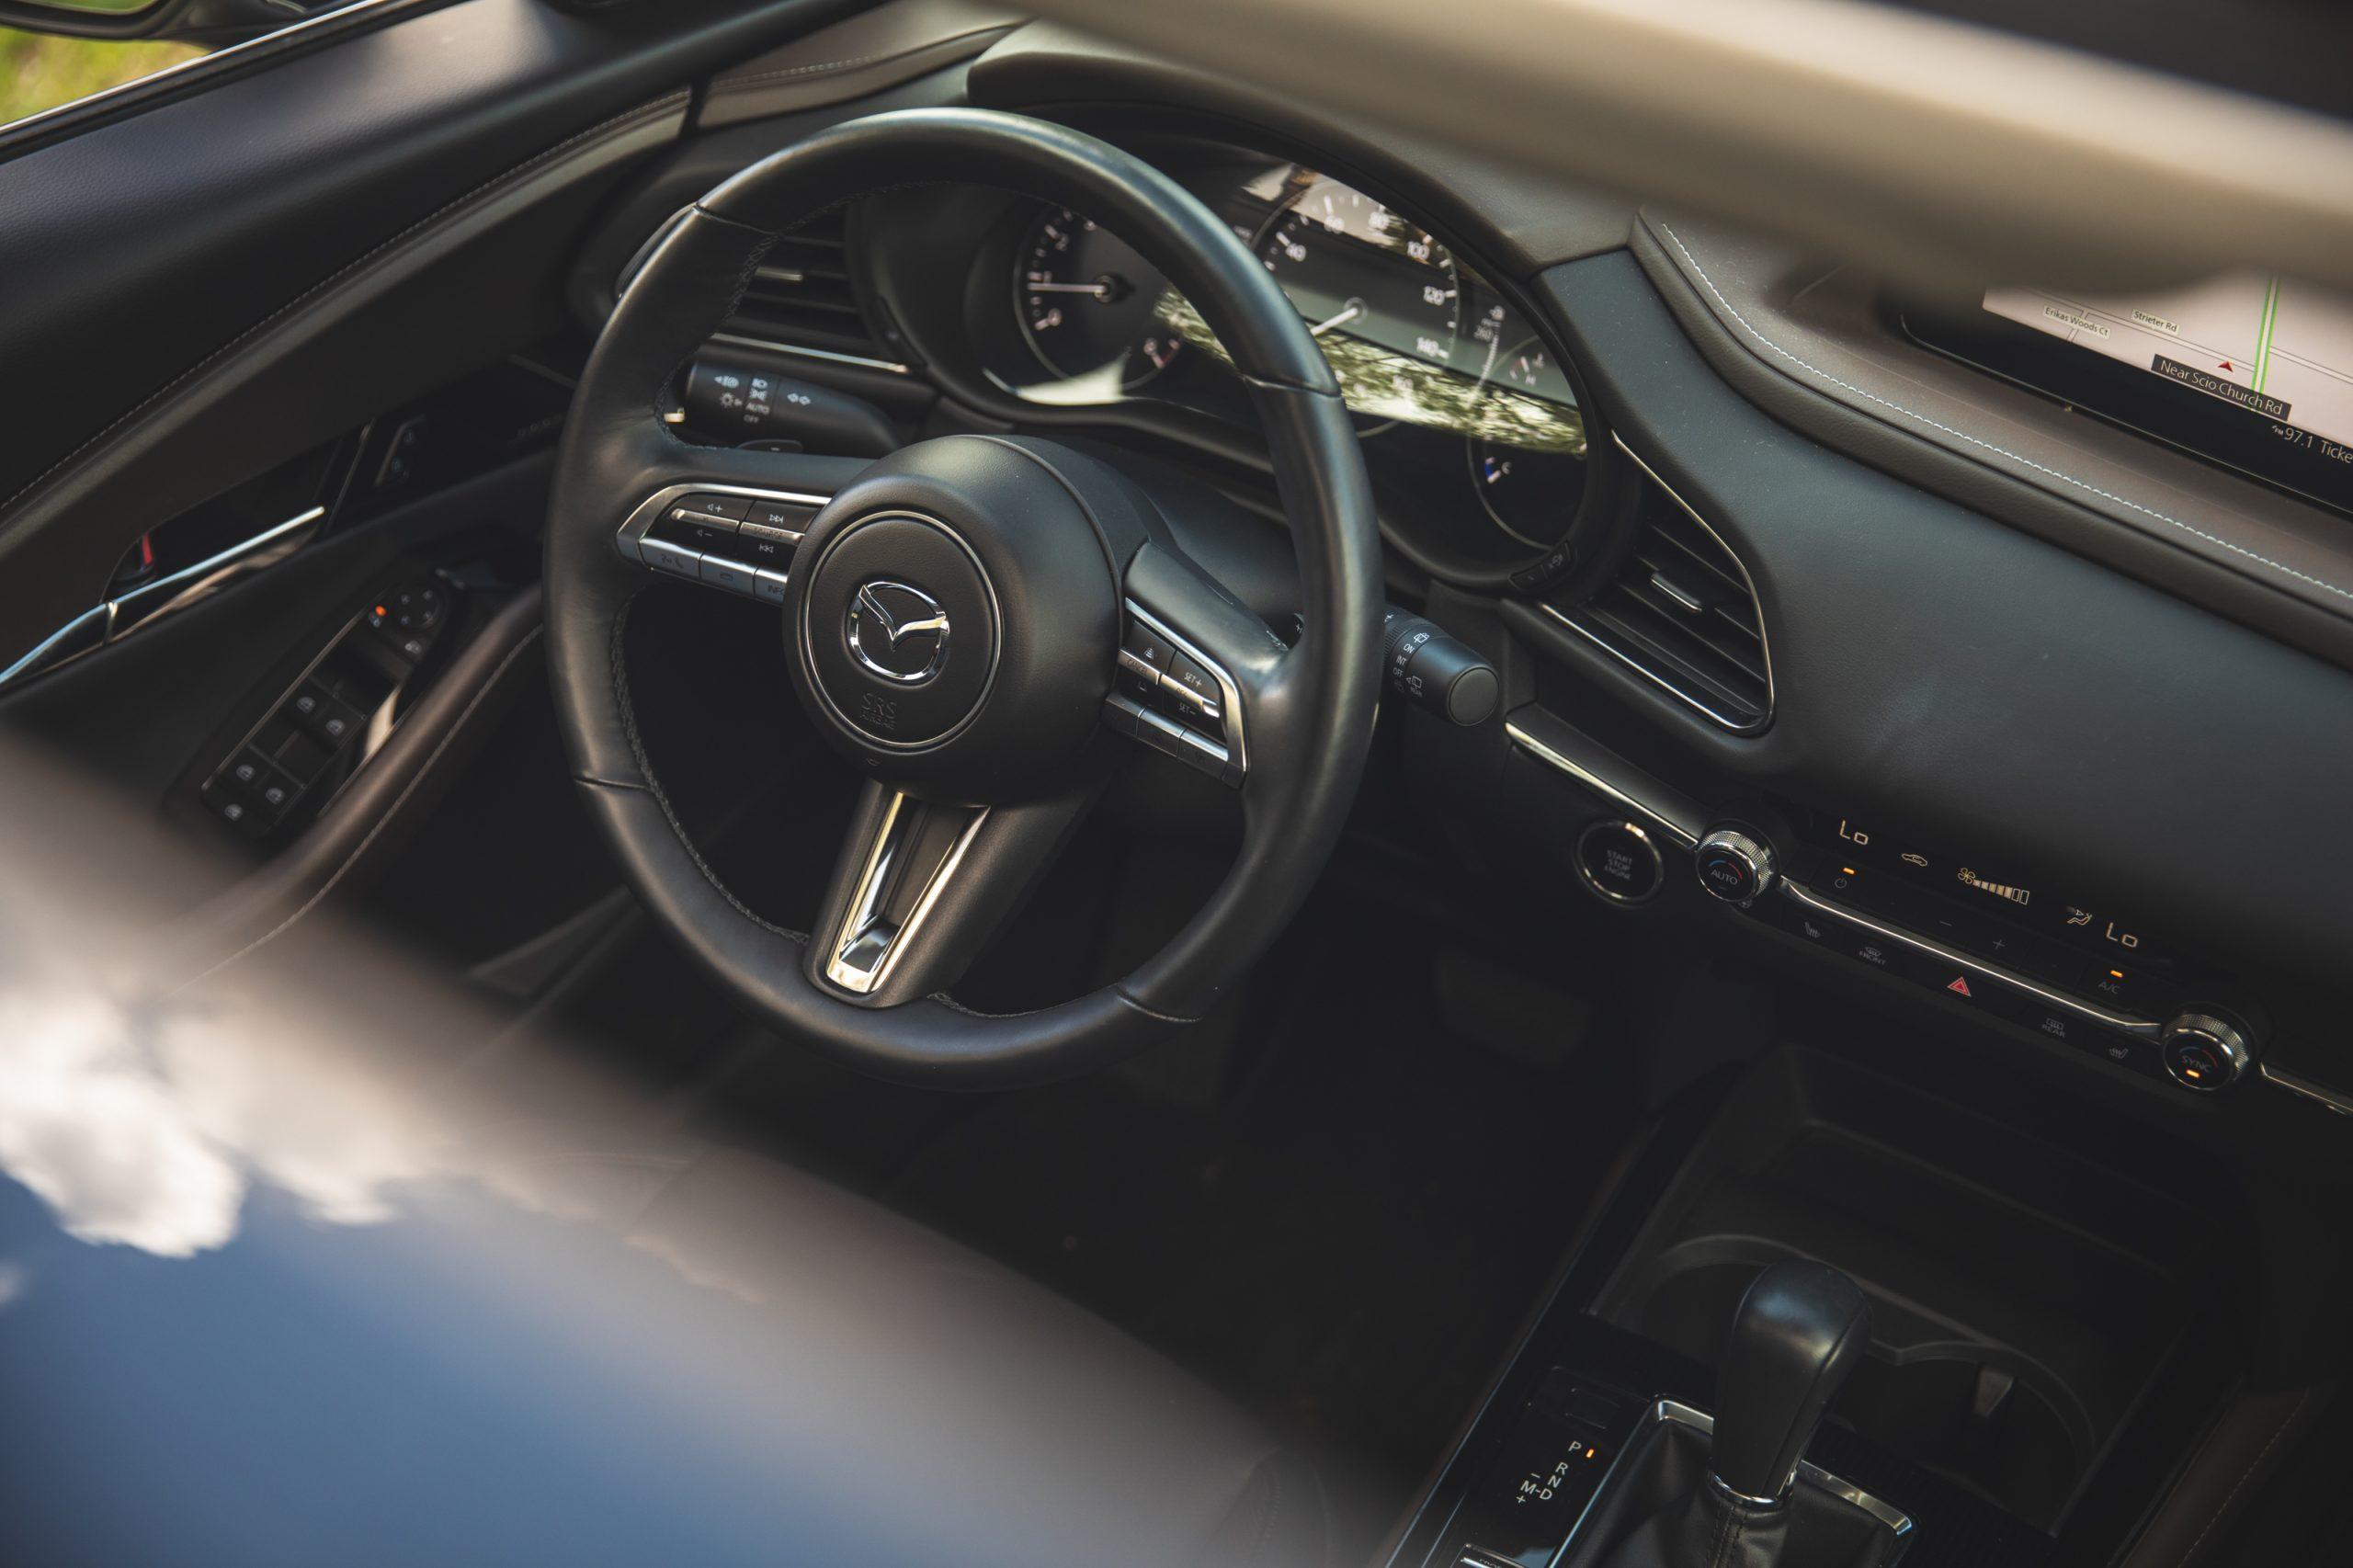 Mazda CX30 interior cockpit through sunroof